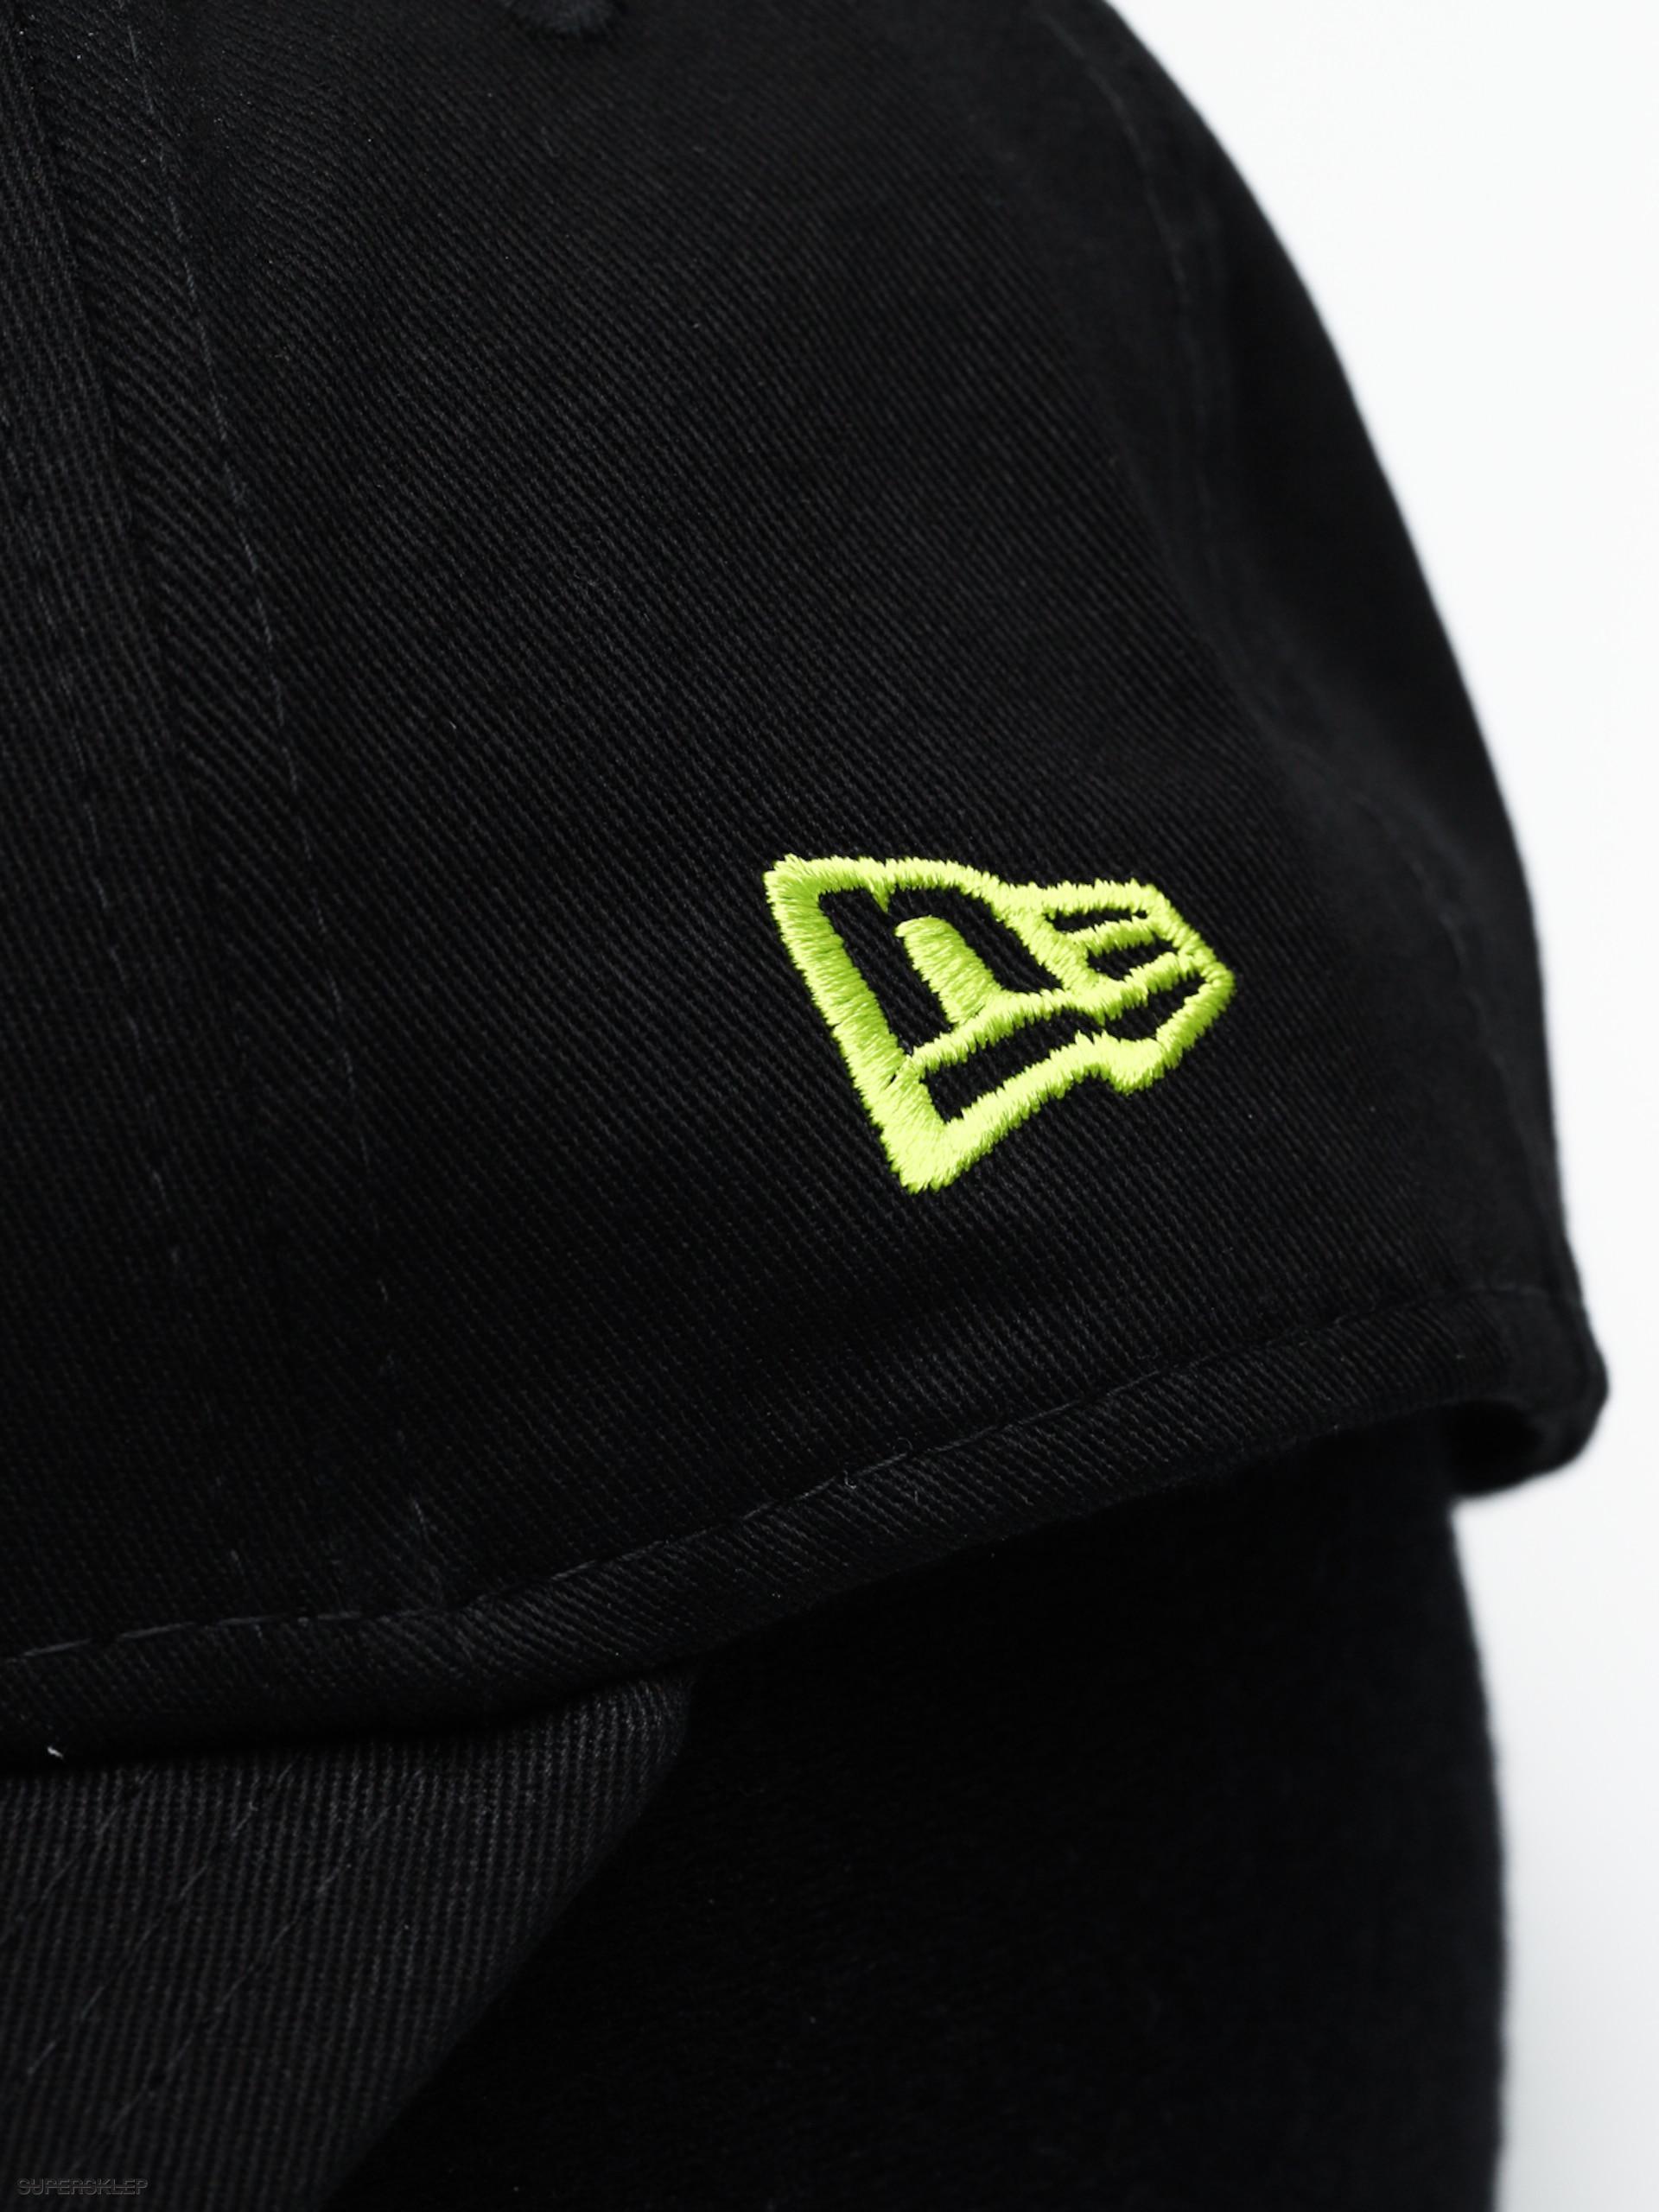 3455c046 Czapka z daszkiem New Era 9Forty League Essential New York Yankees ZD  (black/cyber green)